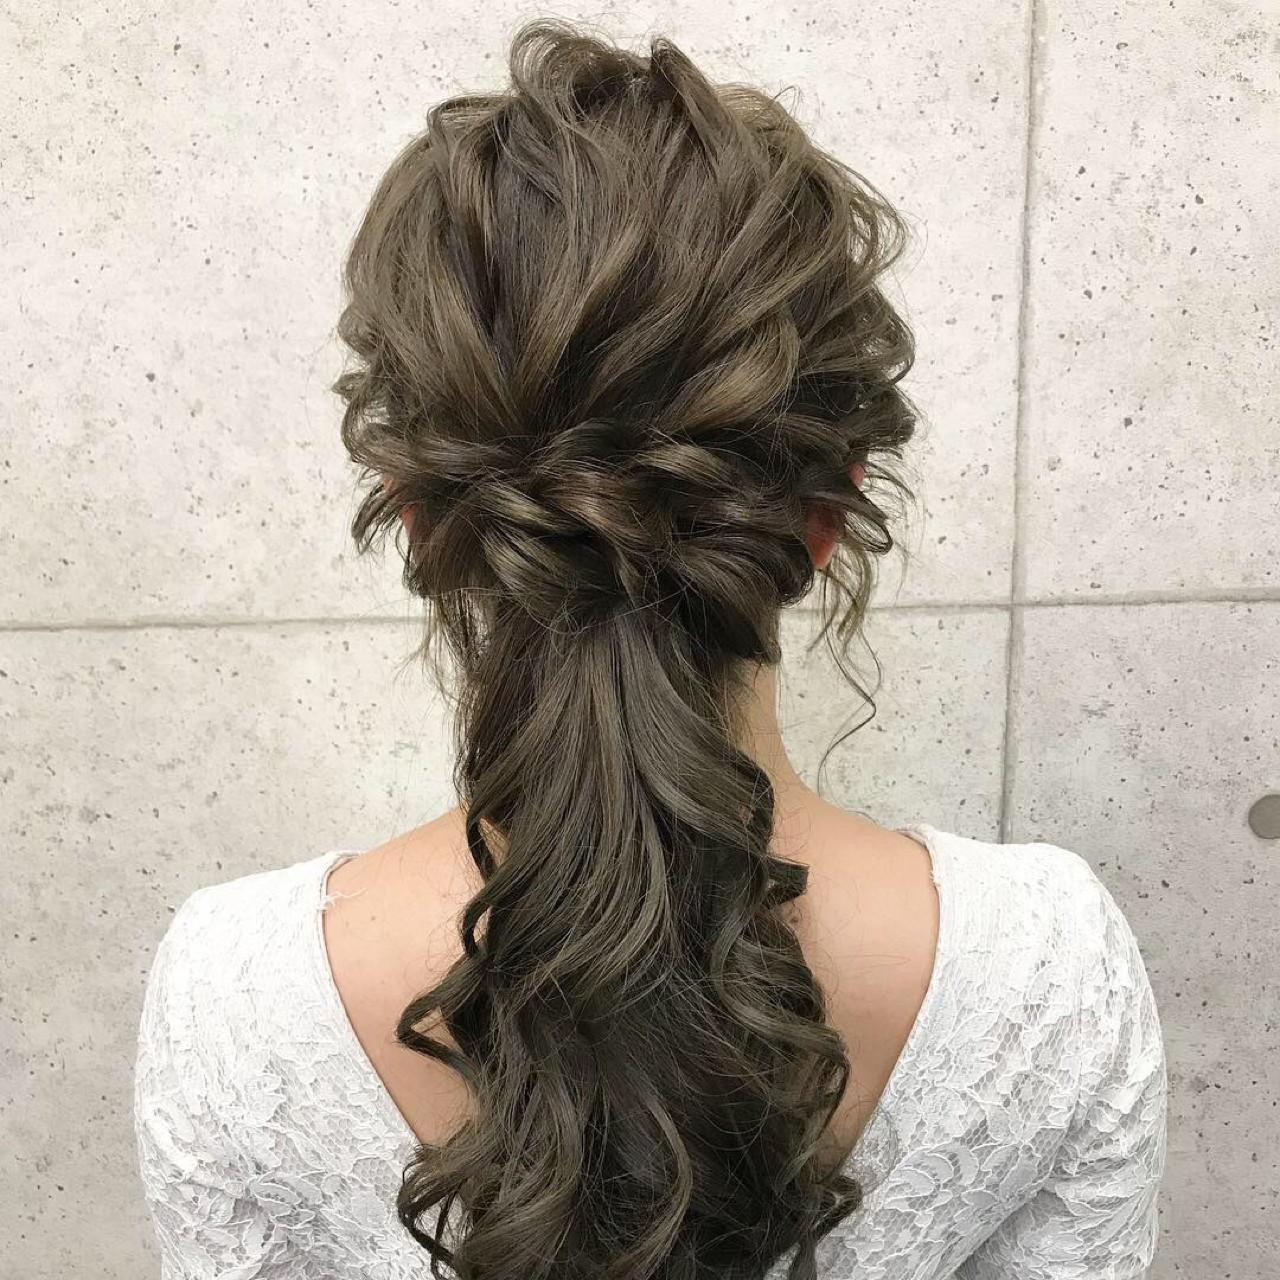 ハーフアップ ローポニーテール 上品 結婚式 ヘアスタイルや髪型の写真・画像 | シンディー(店長)/shinji / hair make salon Revier